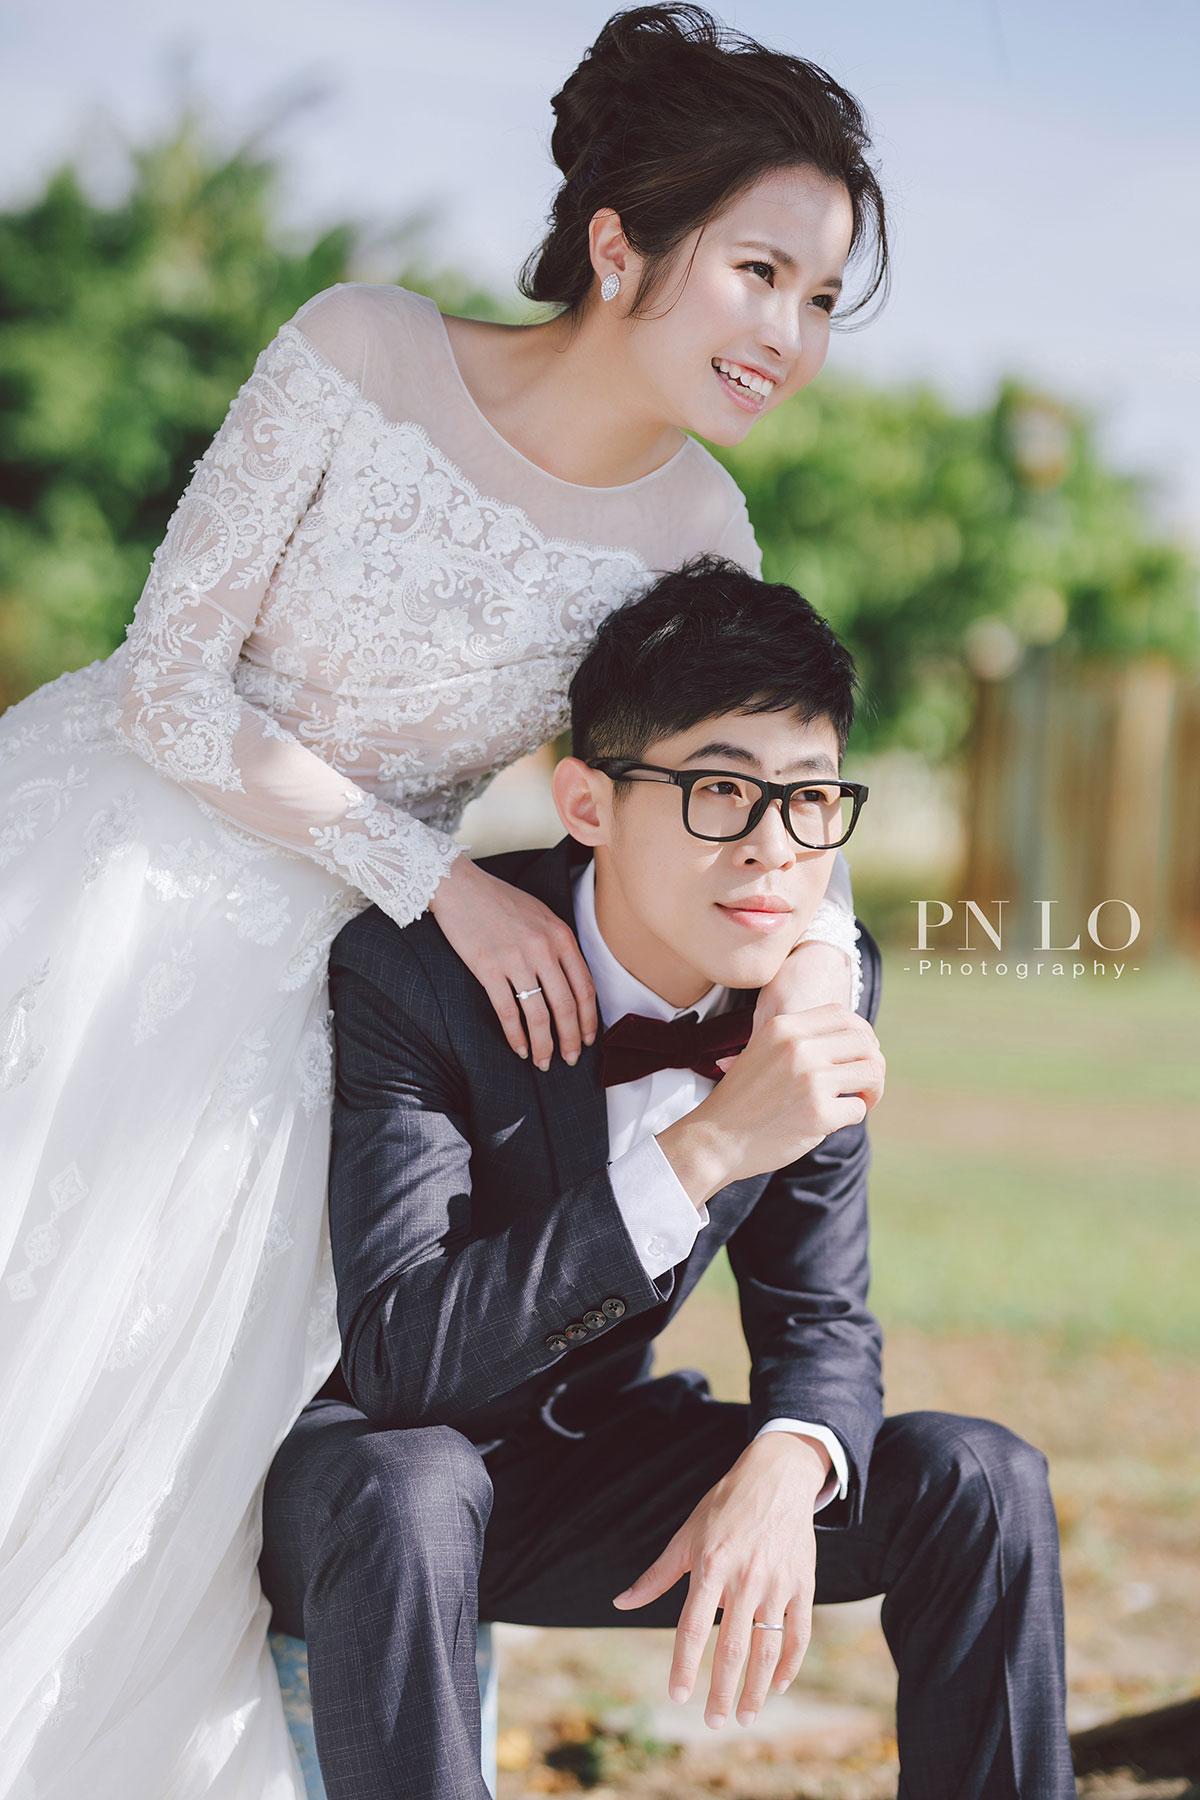 台中-清新-婚紗-冉冉婚紗-禮服-婚紗照-2